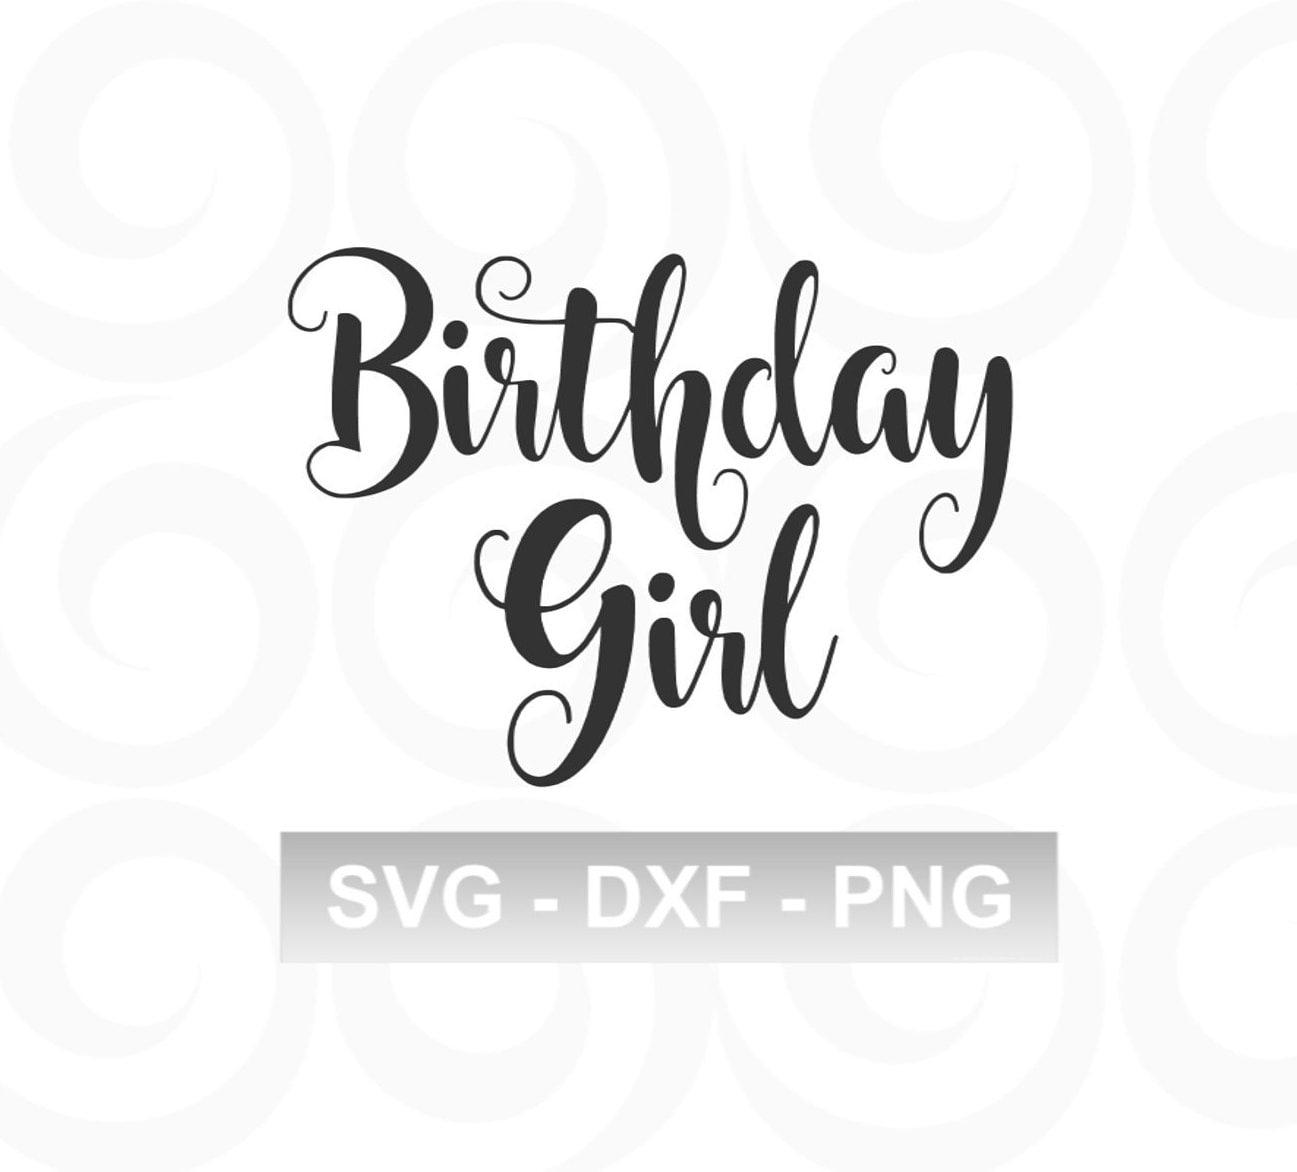 Birthday Girl SVG Birthday SVG Girl SVG My Birthday Svg